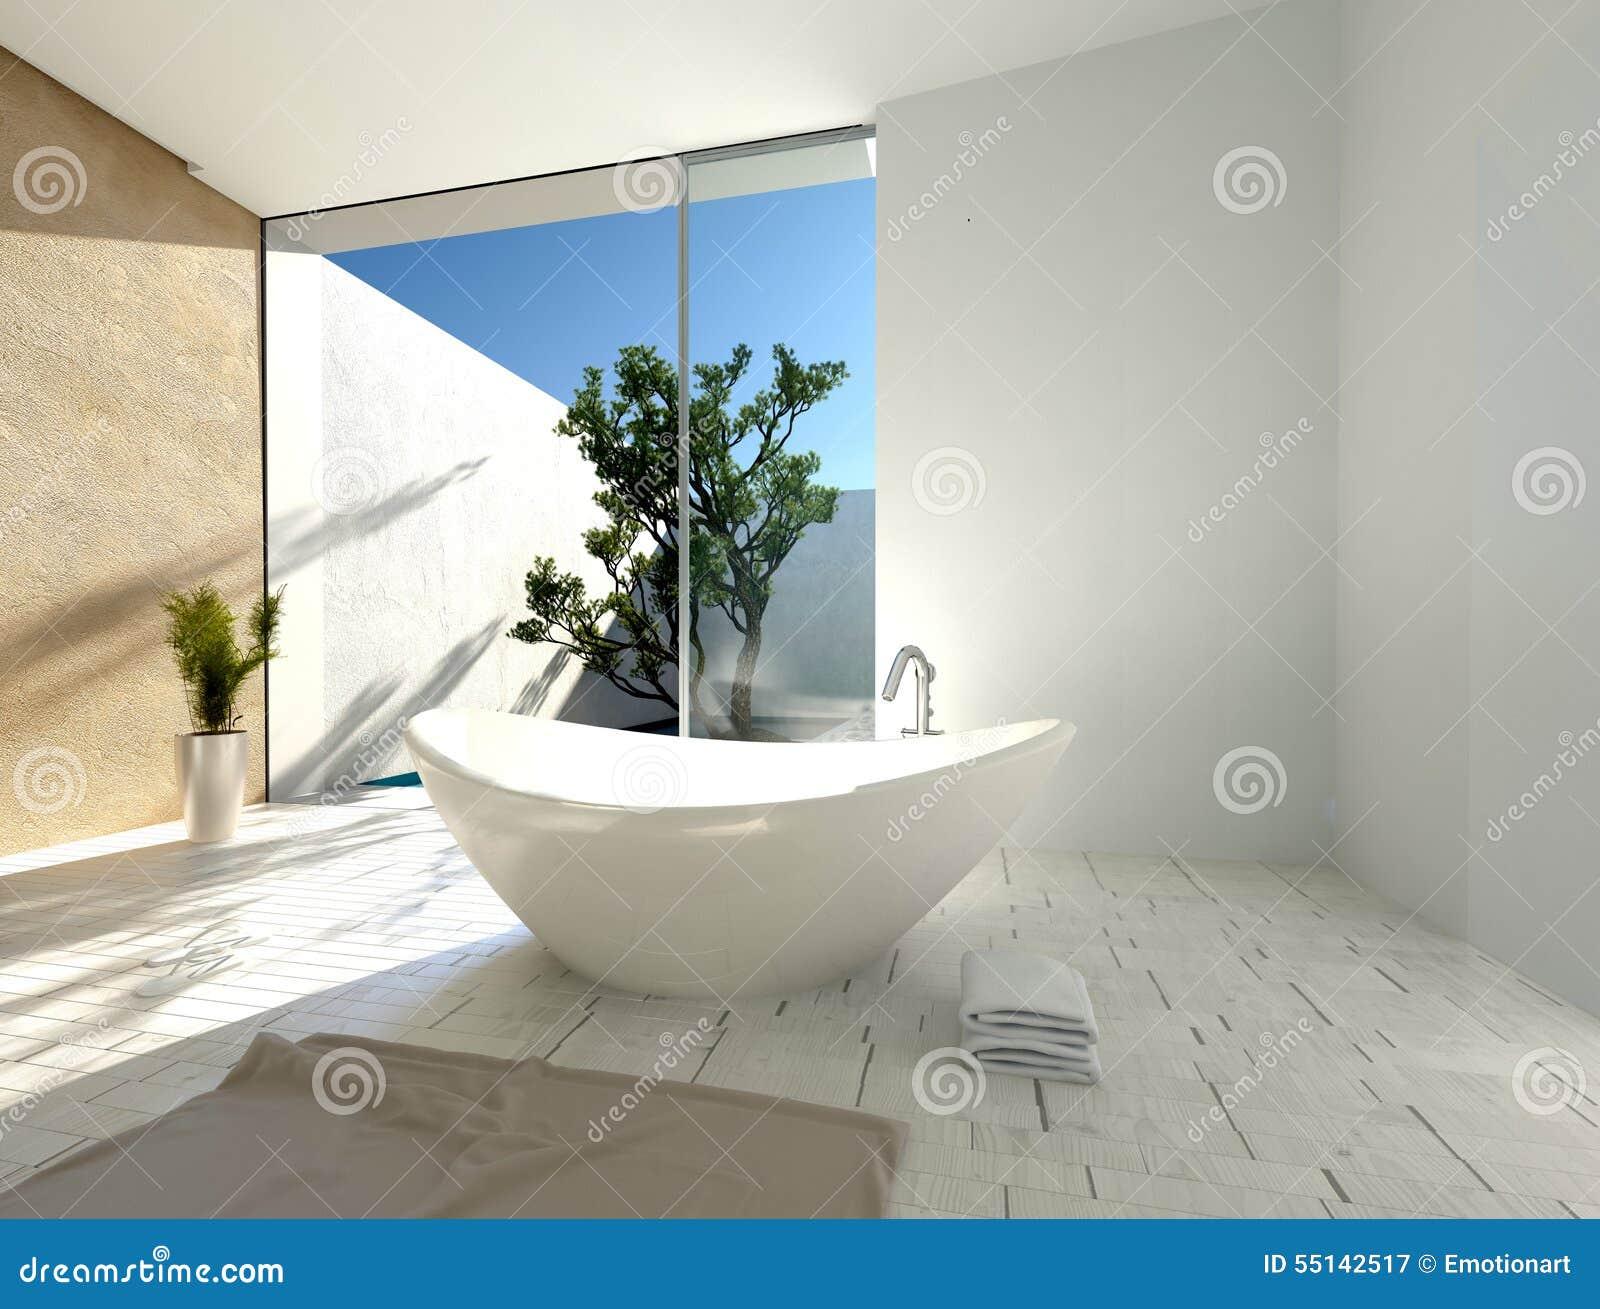 Stylish modern boat-shaped bathtub